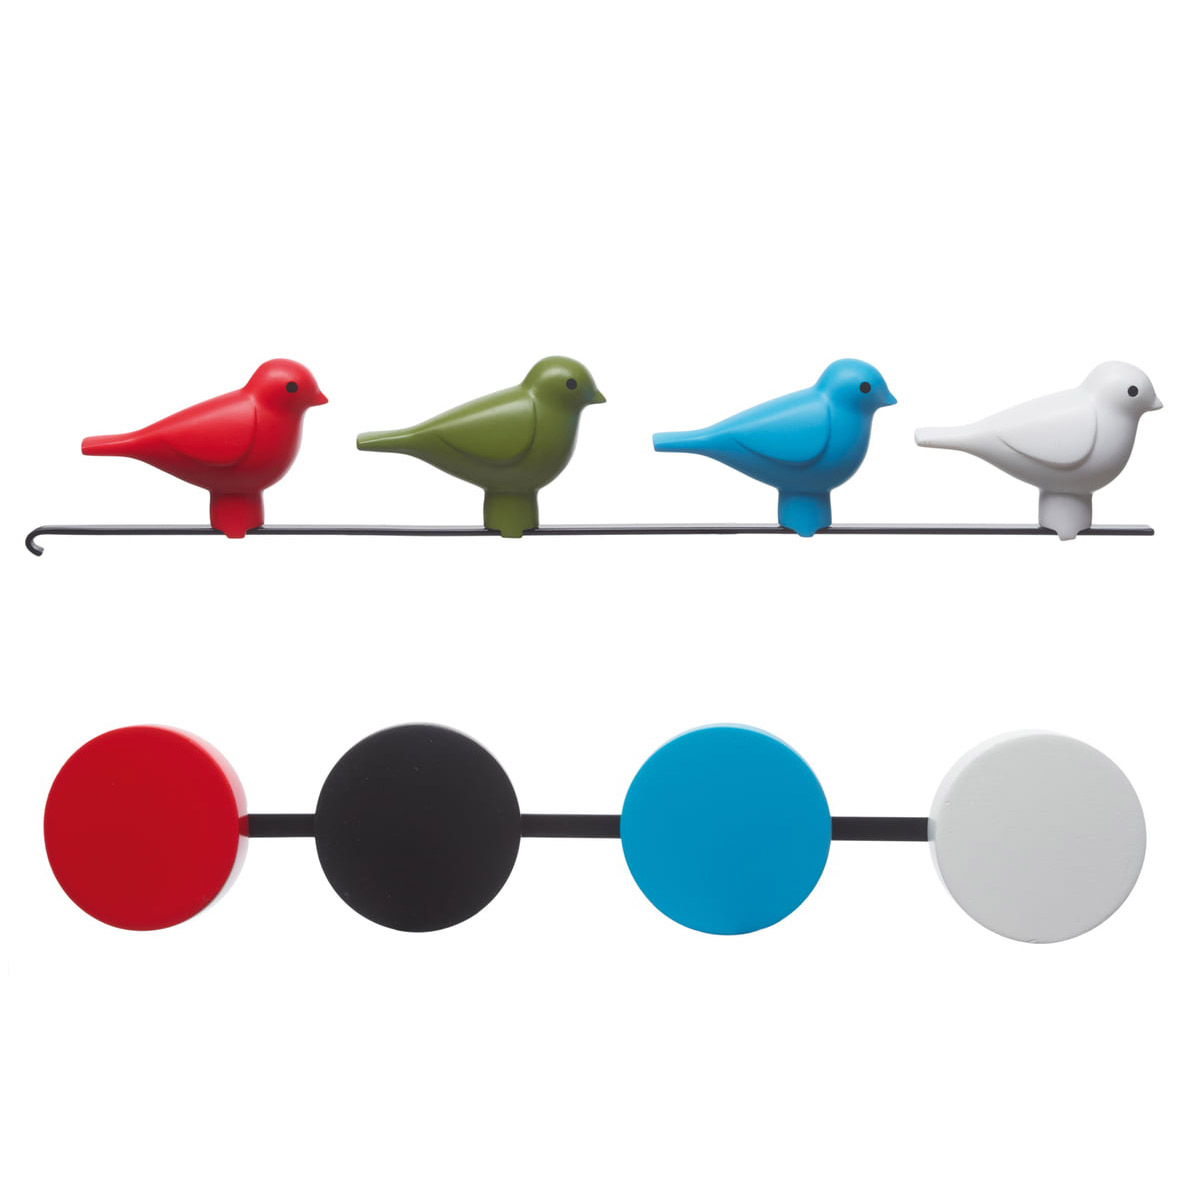 Exchangable cuckoo and pendulum | The Design Gift Shop